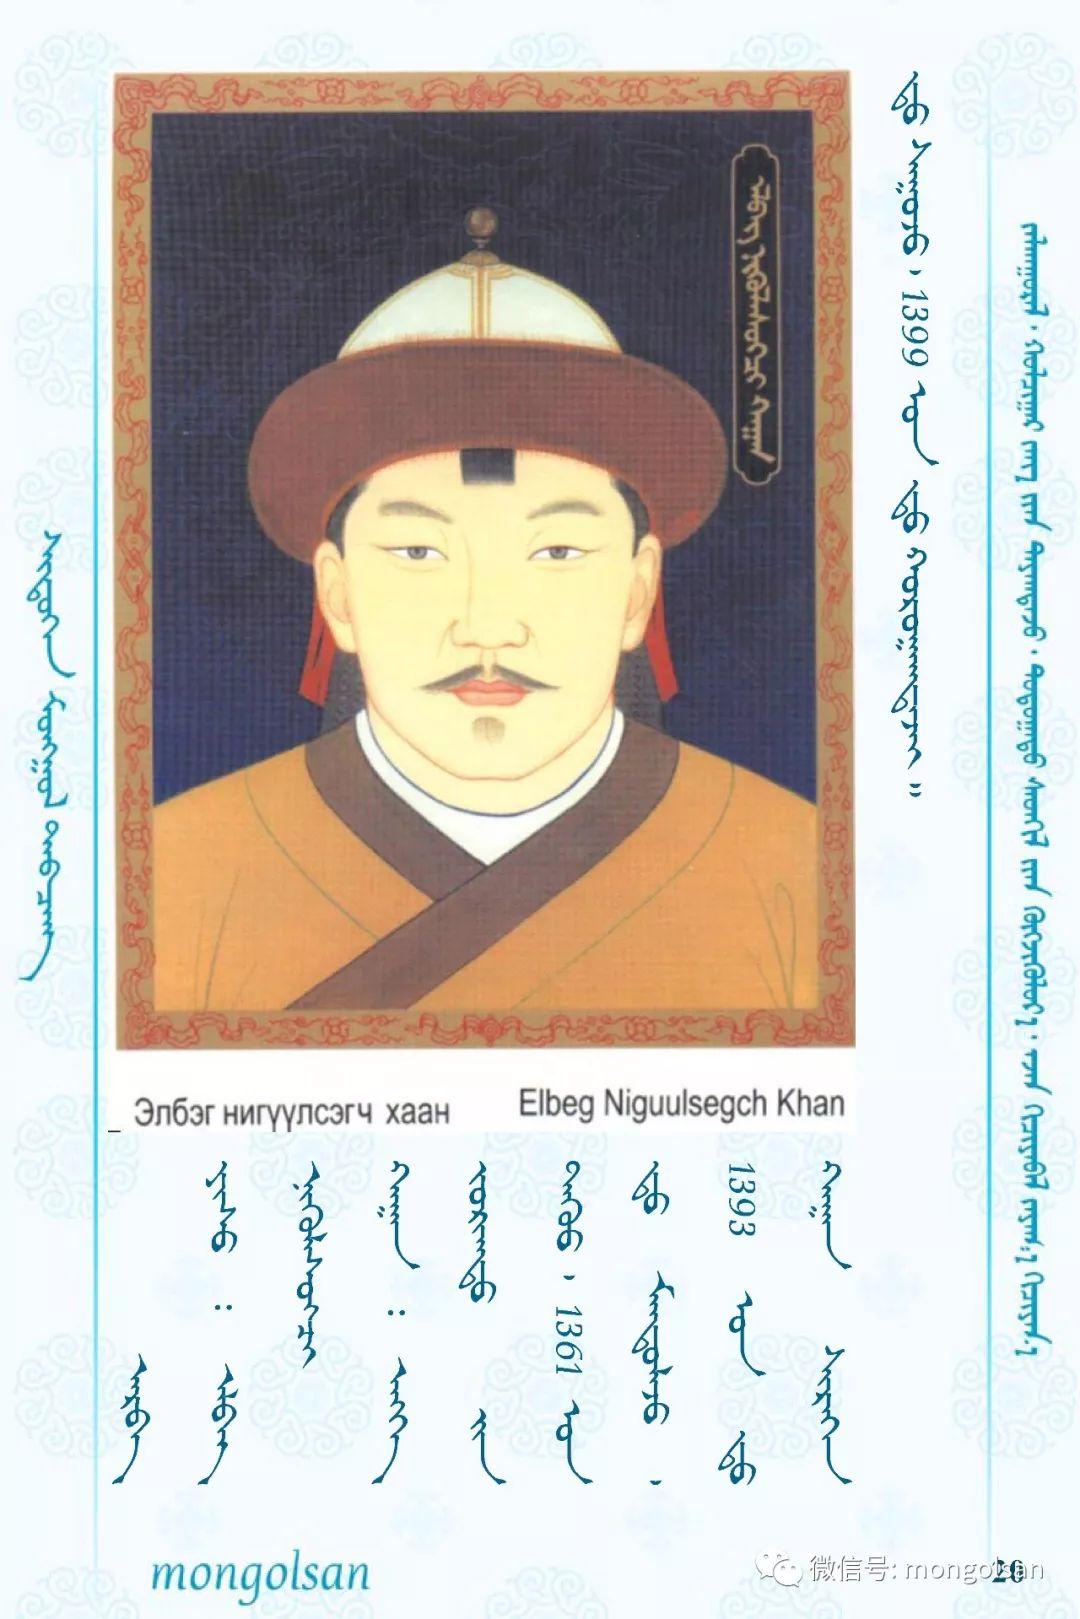 【关注】蒙古皇帝列表 第20张